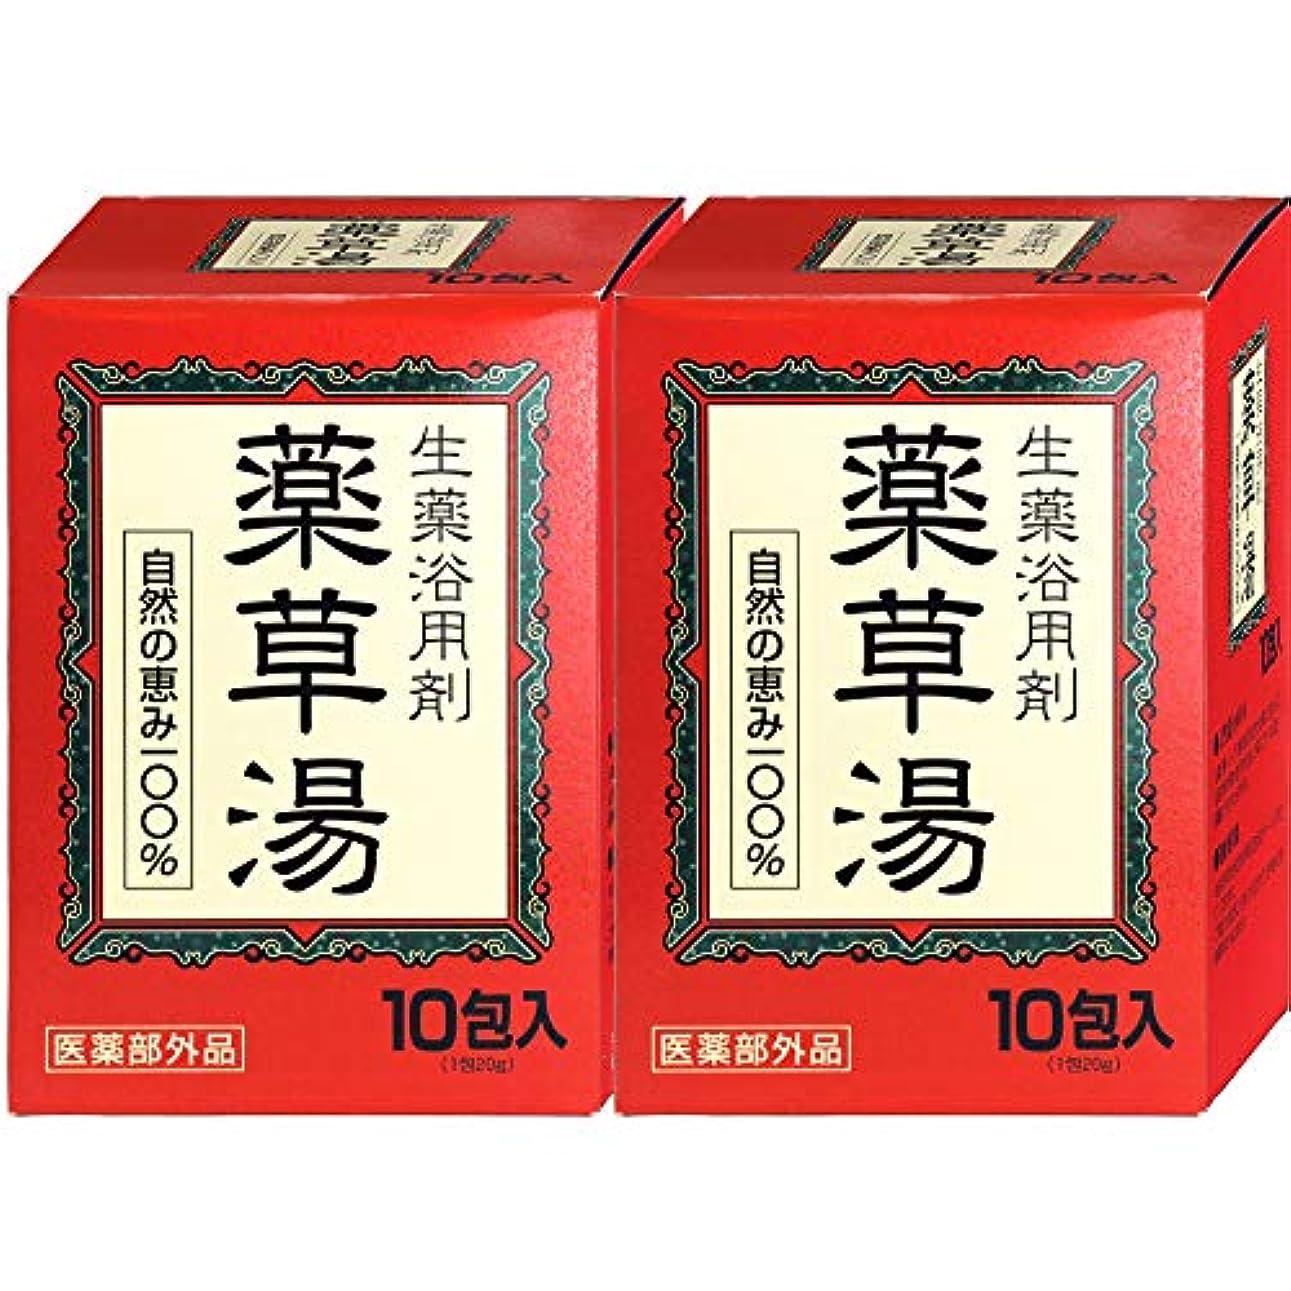 おバナー以来薬草湯 生薬浴用剤 10包入 【2個セット】自然の恵み100% 医薬部外品